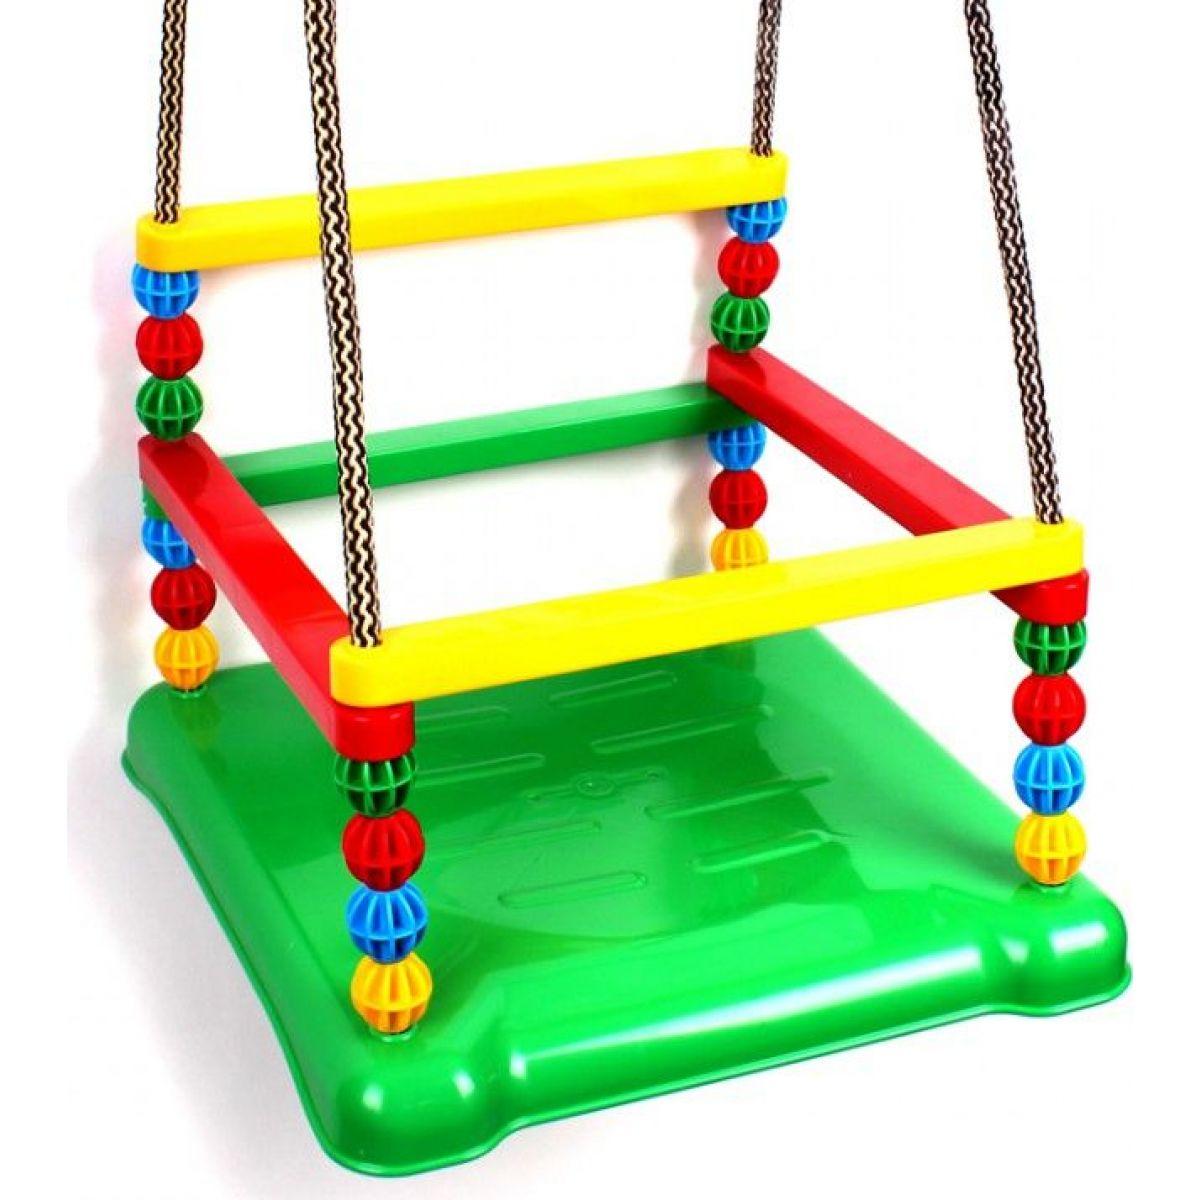 Hojdačka plast 35x34cm nosnosť 40kg zelený sedák